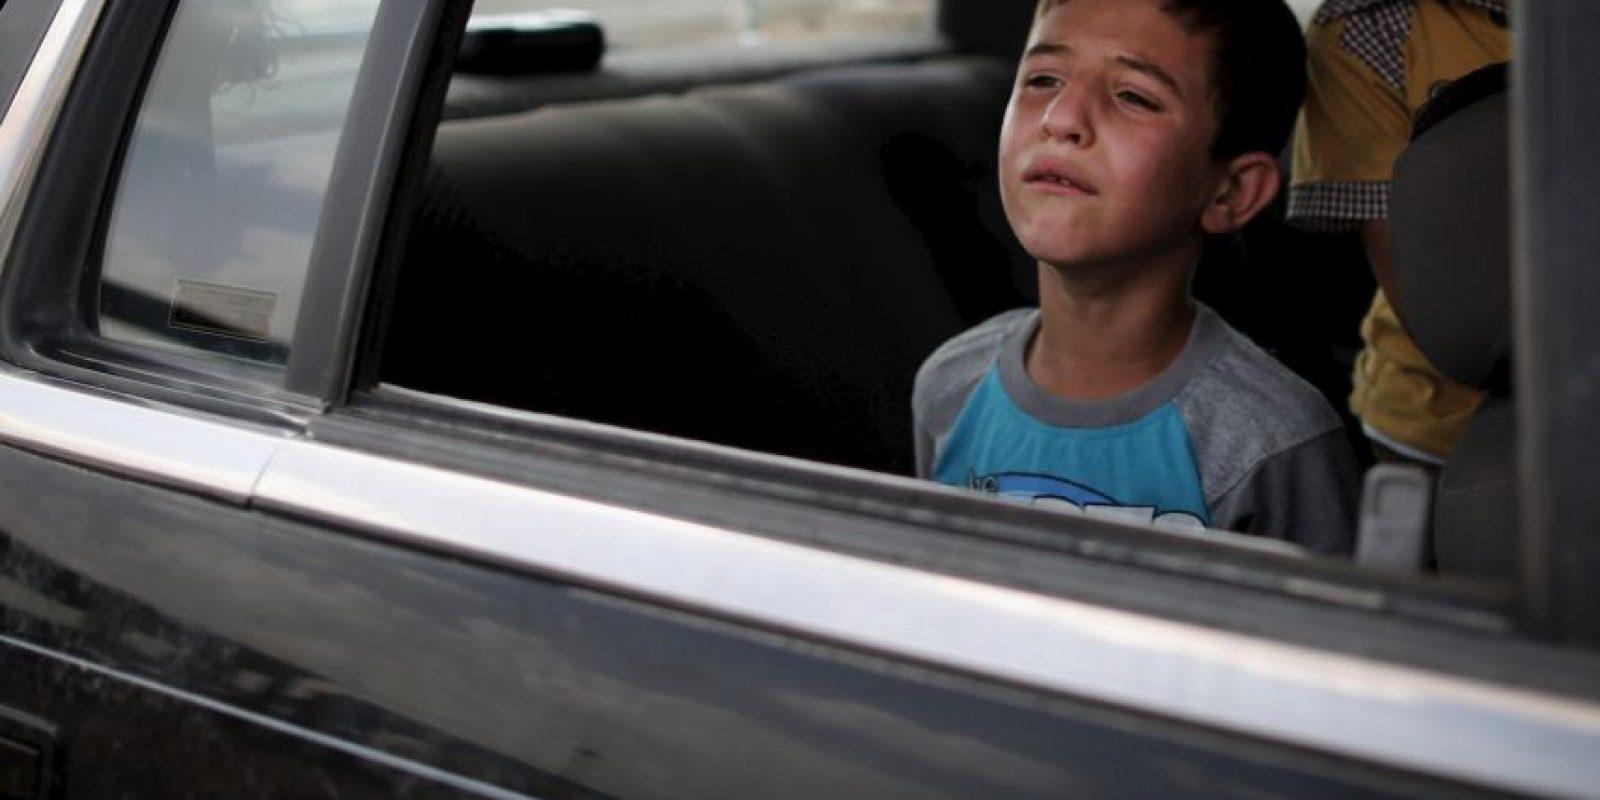 El maltrato causa estrés y se asocia a trastornos del desarrollo cerebral temprano. Foto:Getty Images